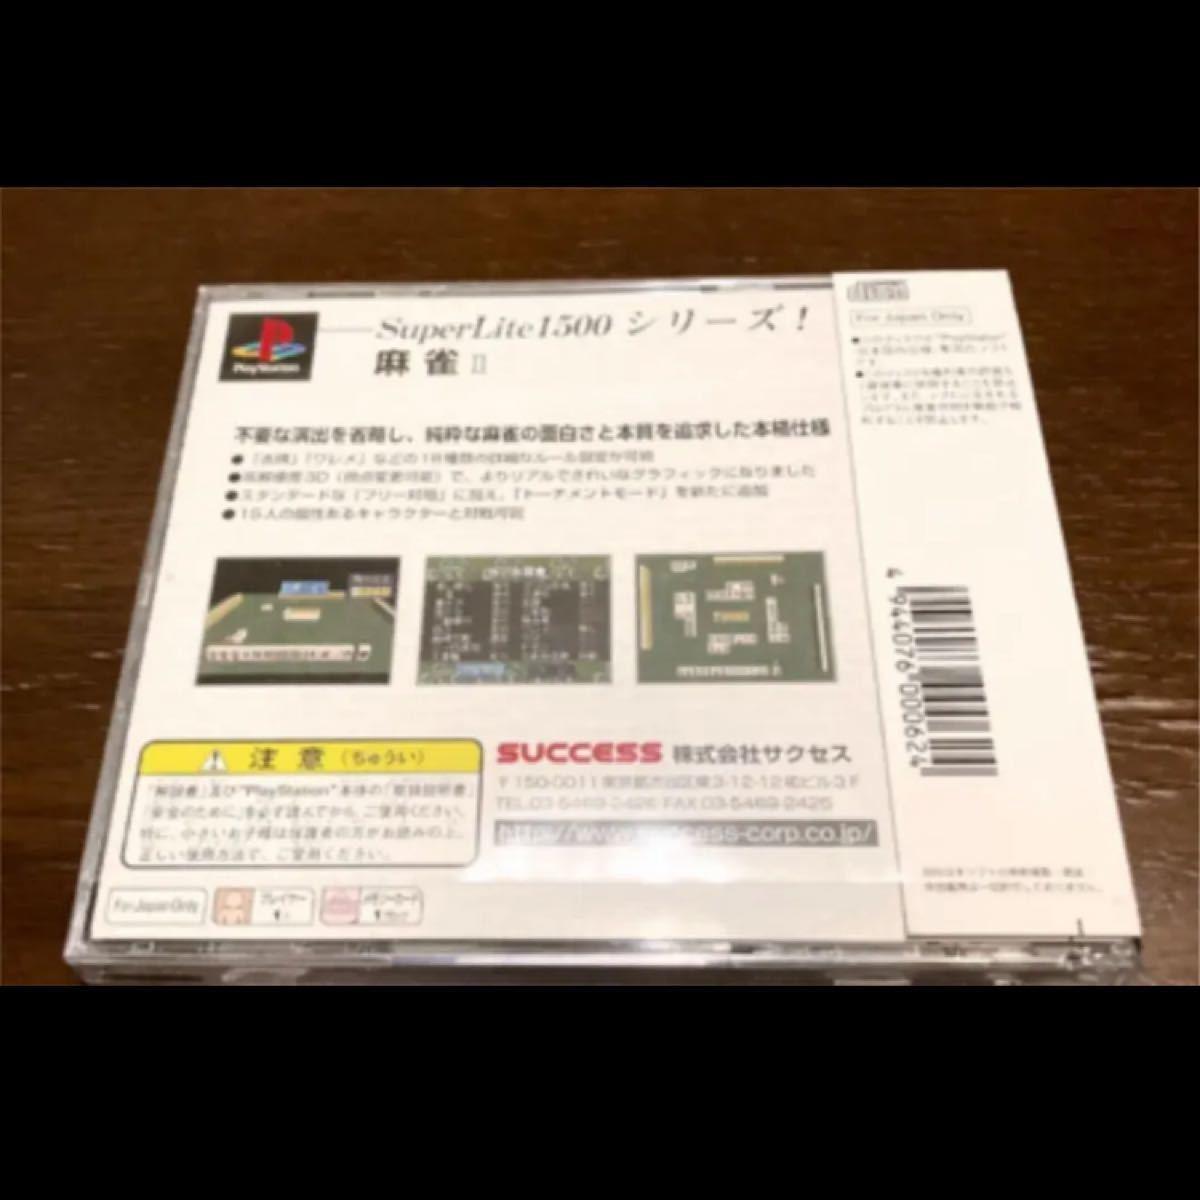 プレイステーション PS 1ソフト  Super Lite 1500 シリーズ  麻雀 2